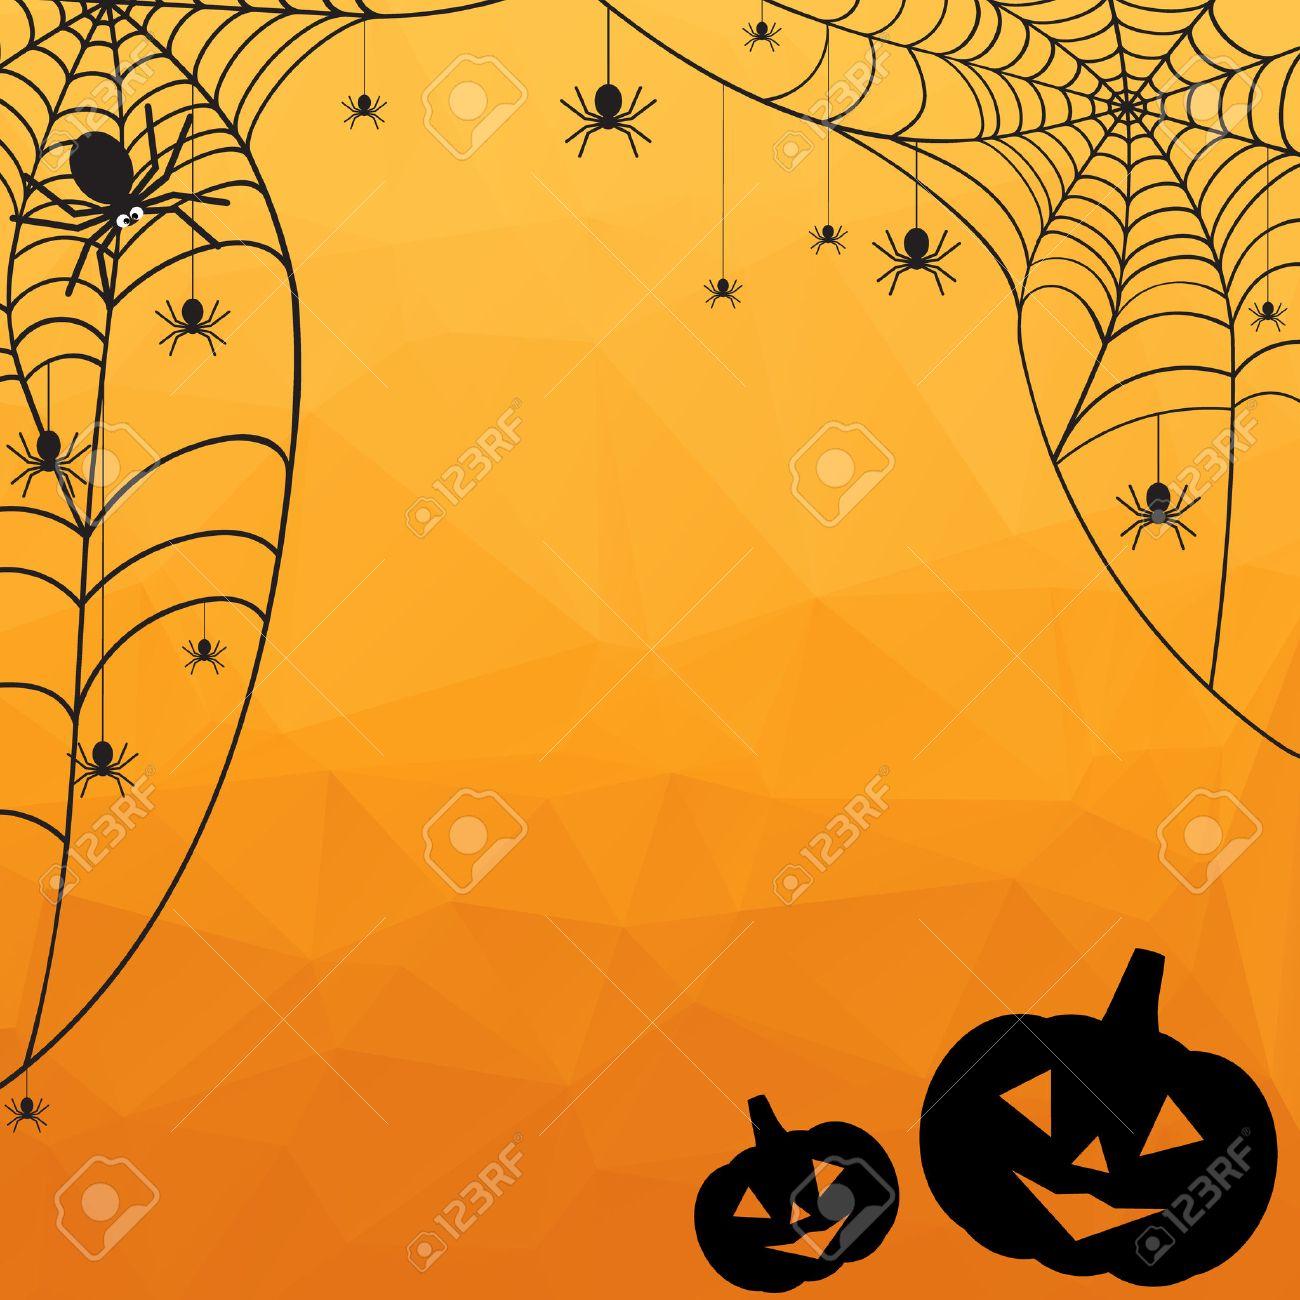 Halloween Achtergrond.Halloween Achtergrond Vector Halloween Oranje Veelhoekige Mozaiek Backgroun Met Spinnenweb Spinnen En Pompoenen Royalty Vrije Cliparts Vectoren En Stock Illustratie Image 46319990